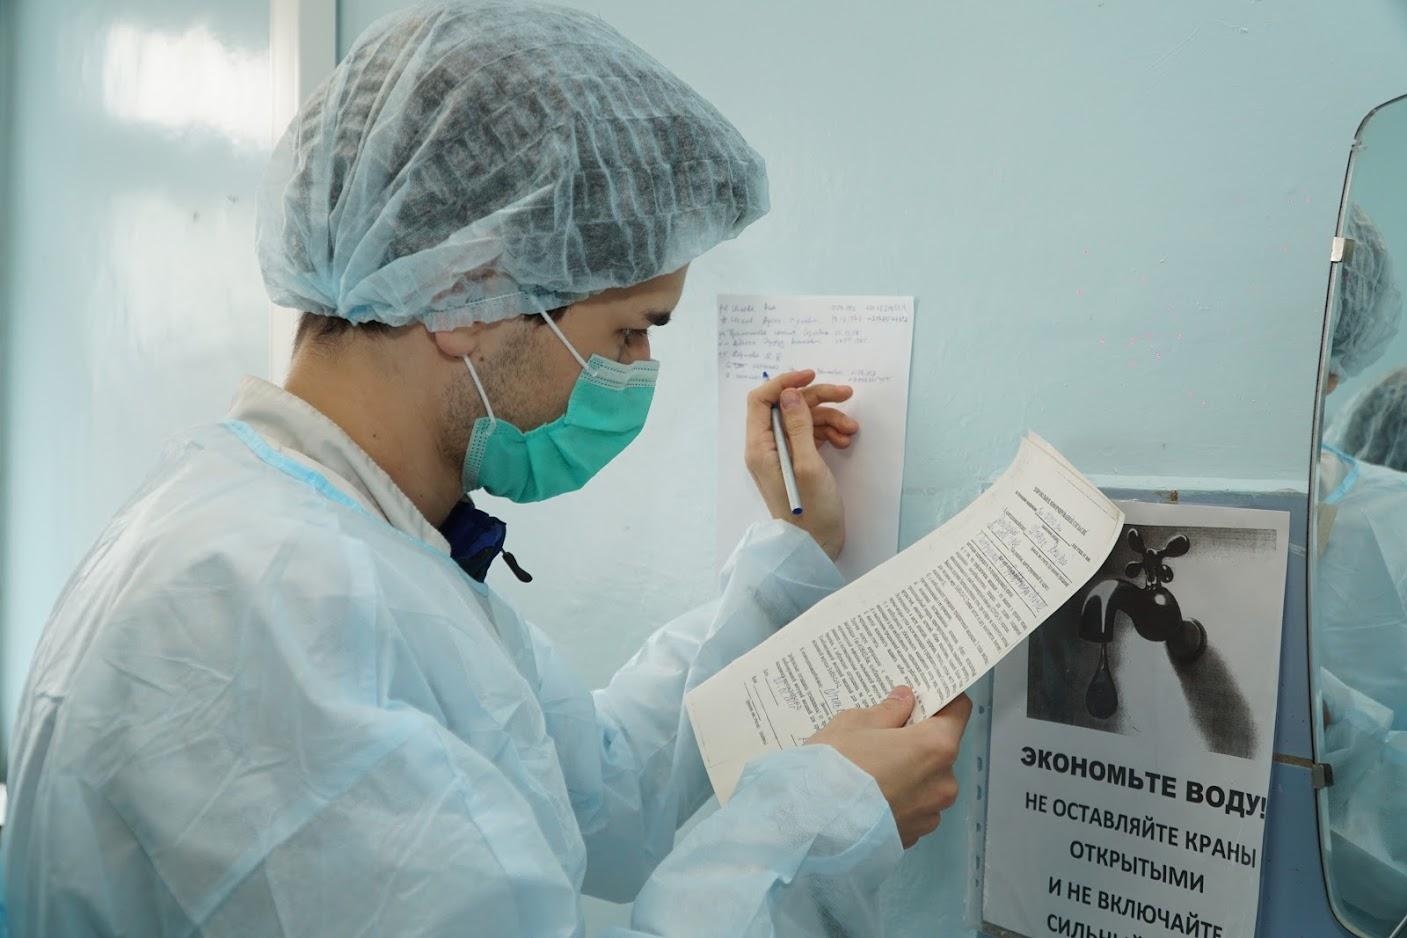 Коронавирус в Крыму и Севастополе: Последние новости, статистика на 2 мая 2021 года